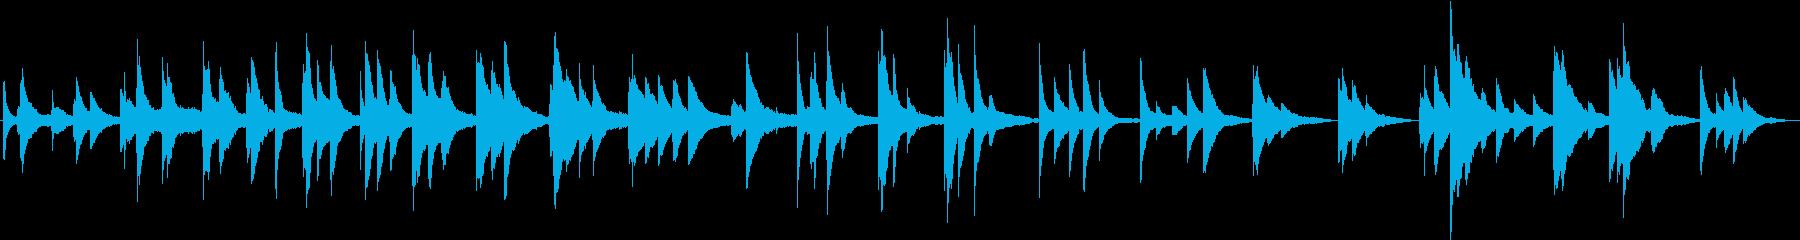 少し暗い印象のピアノ曲の再生済みの波形